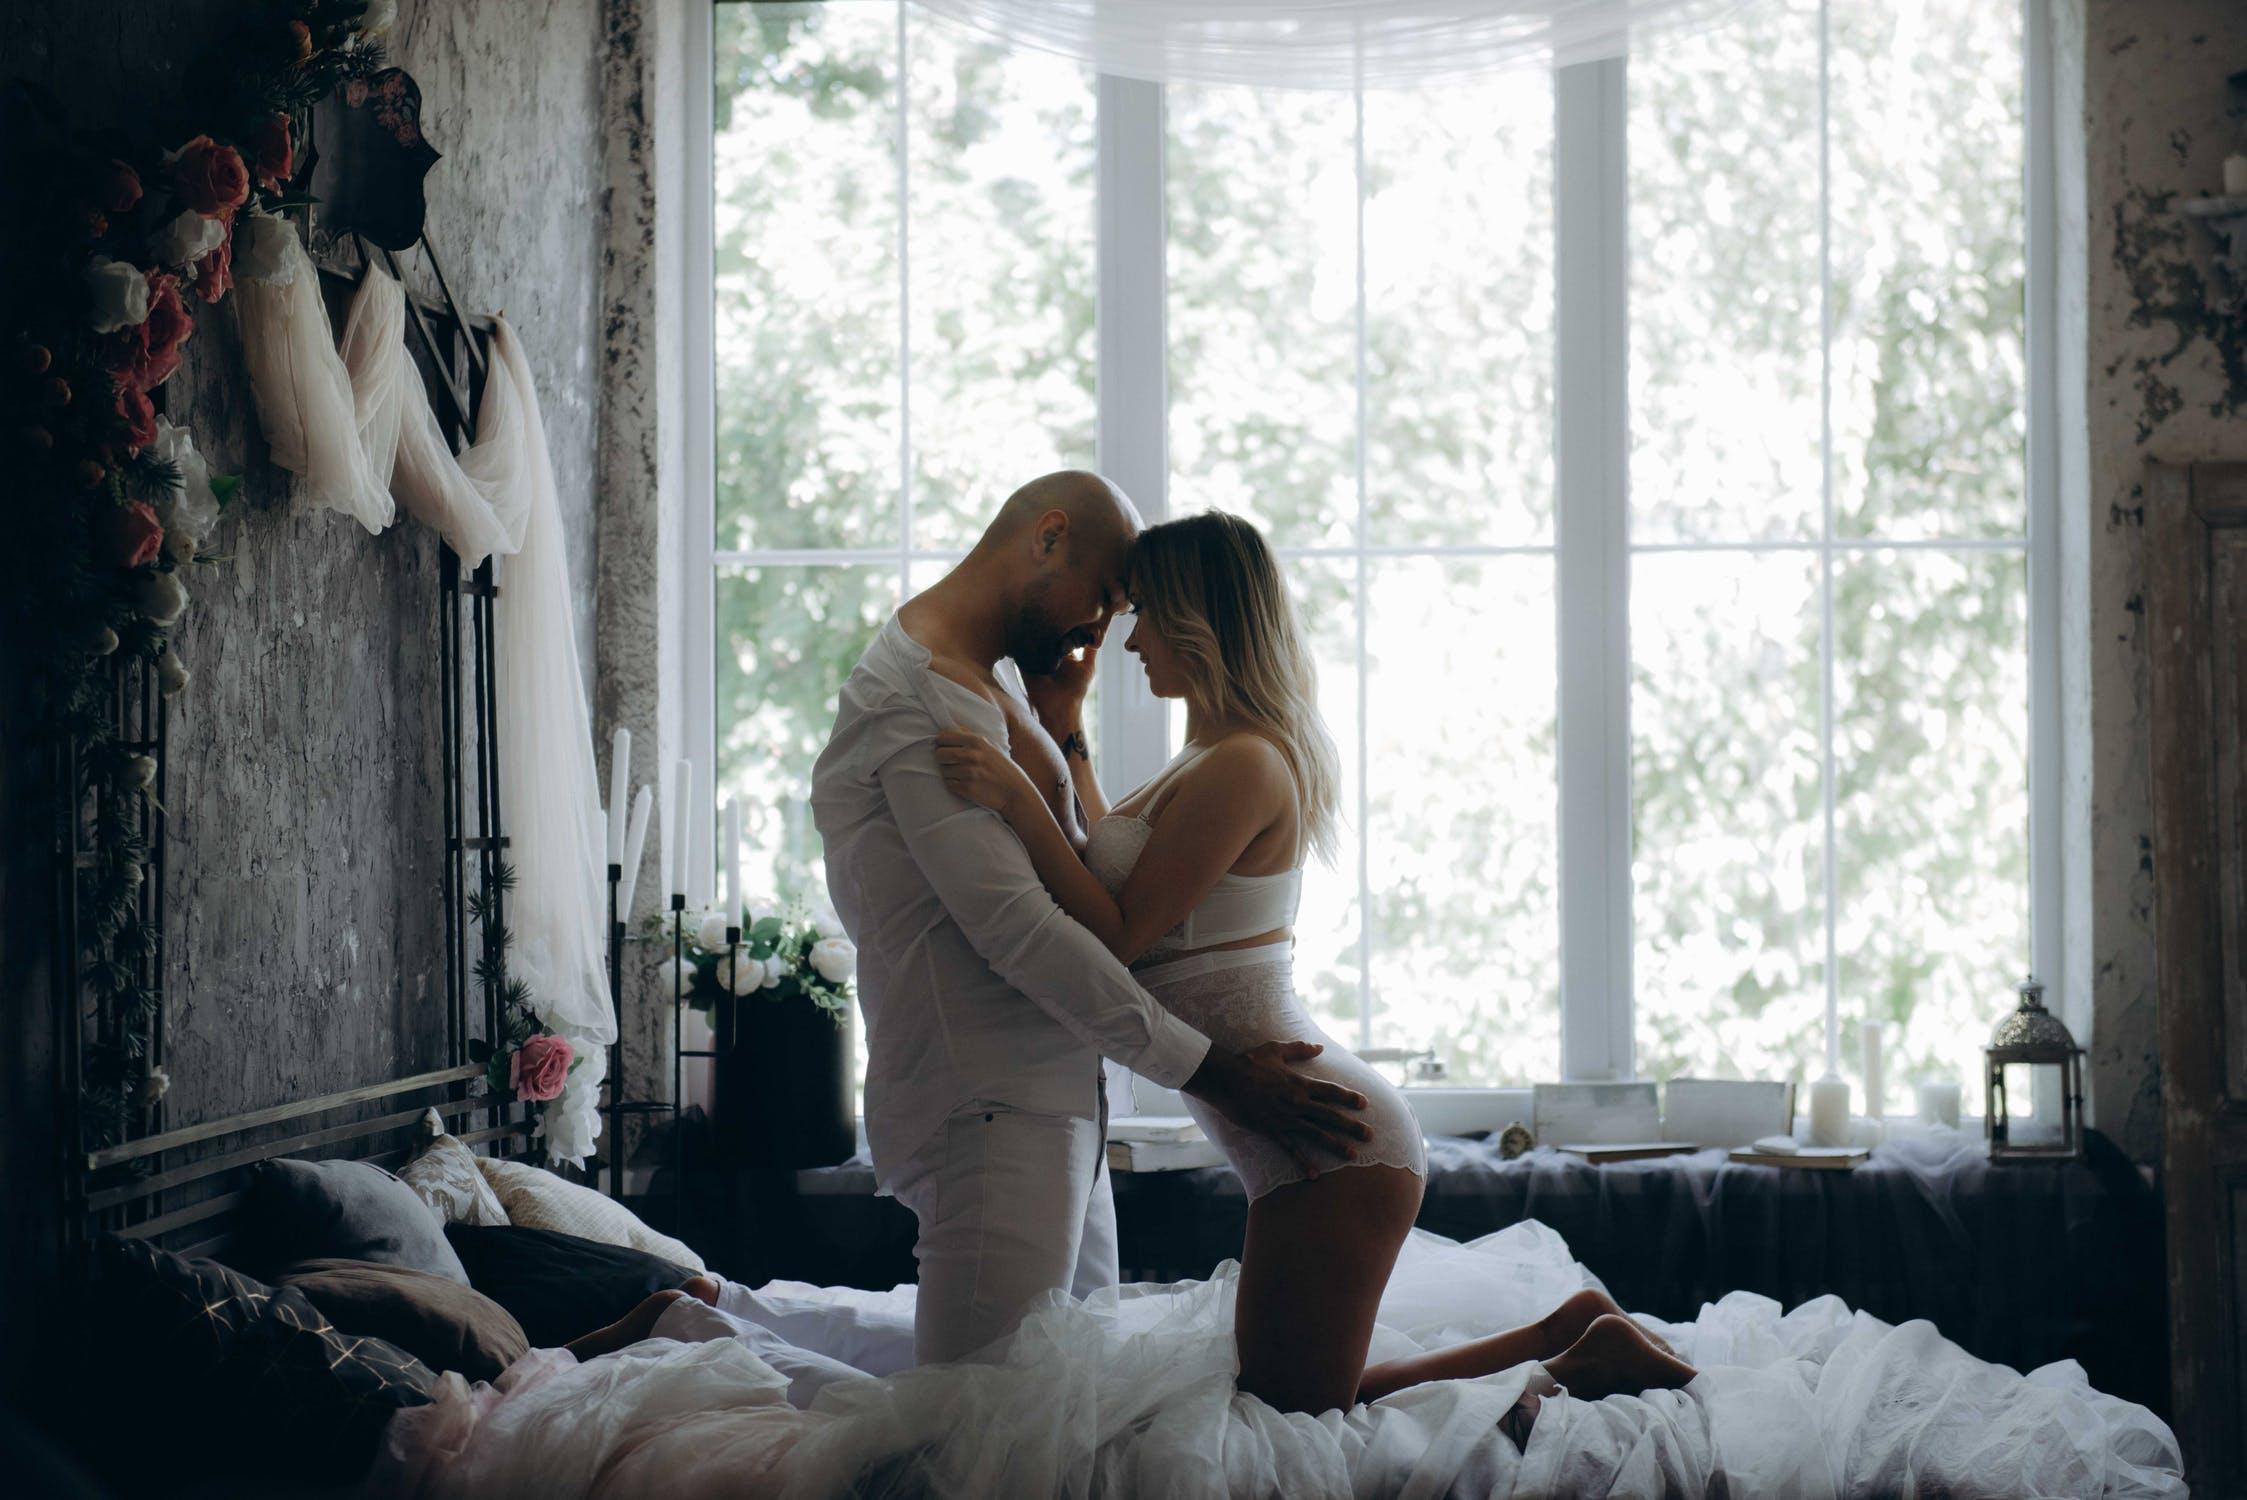 Meri dost ki sexy patni Raani ke sath sex – रानी मेरे दोस्त की सेक्सी पत्नी